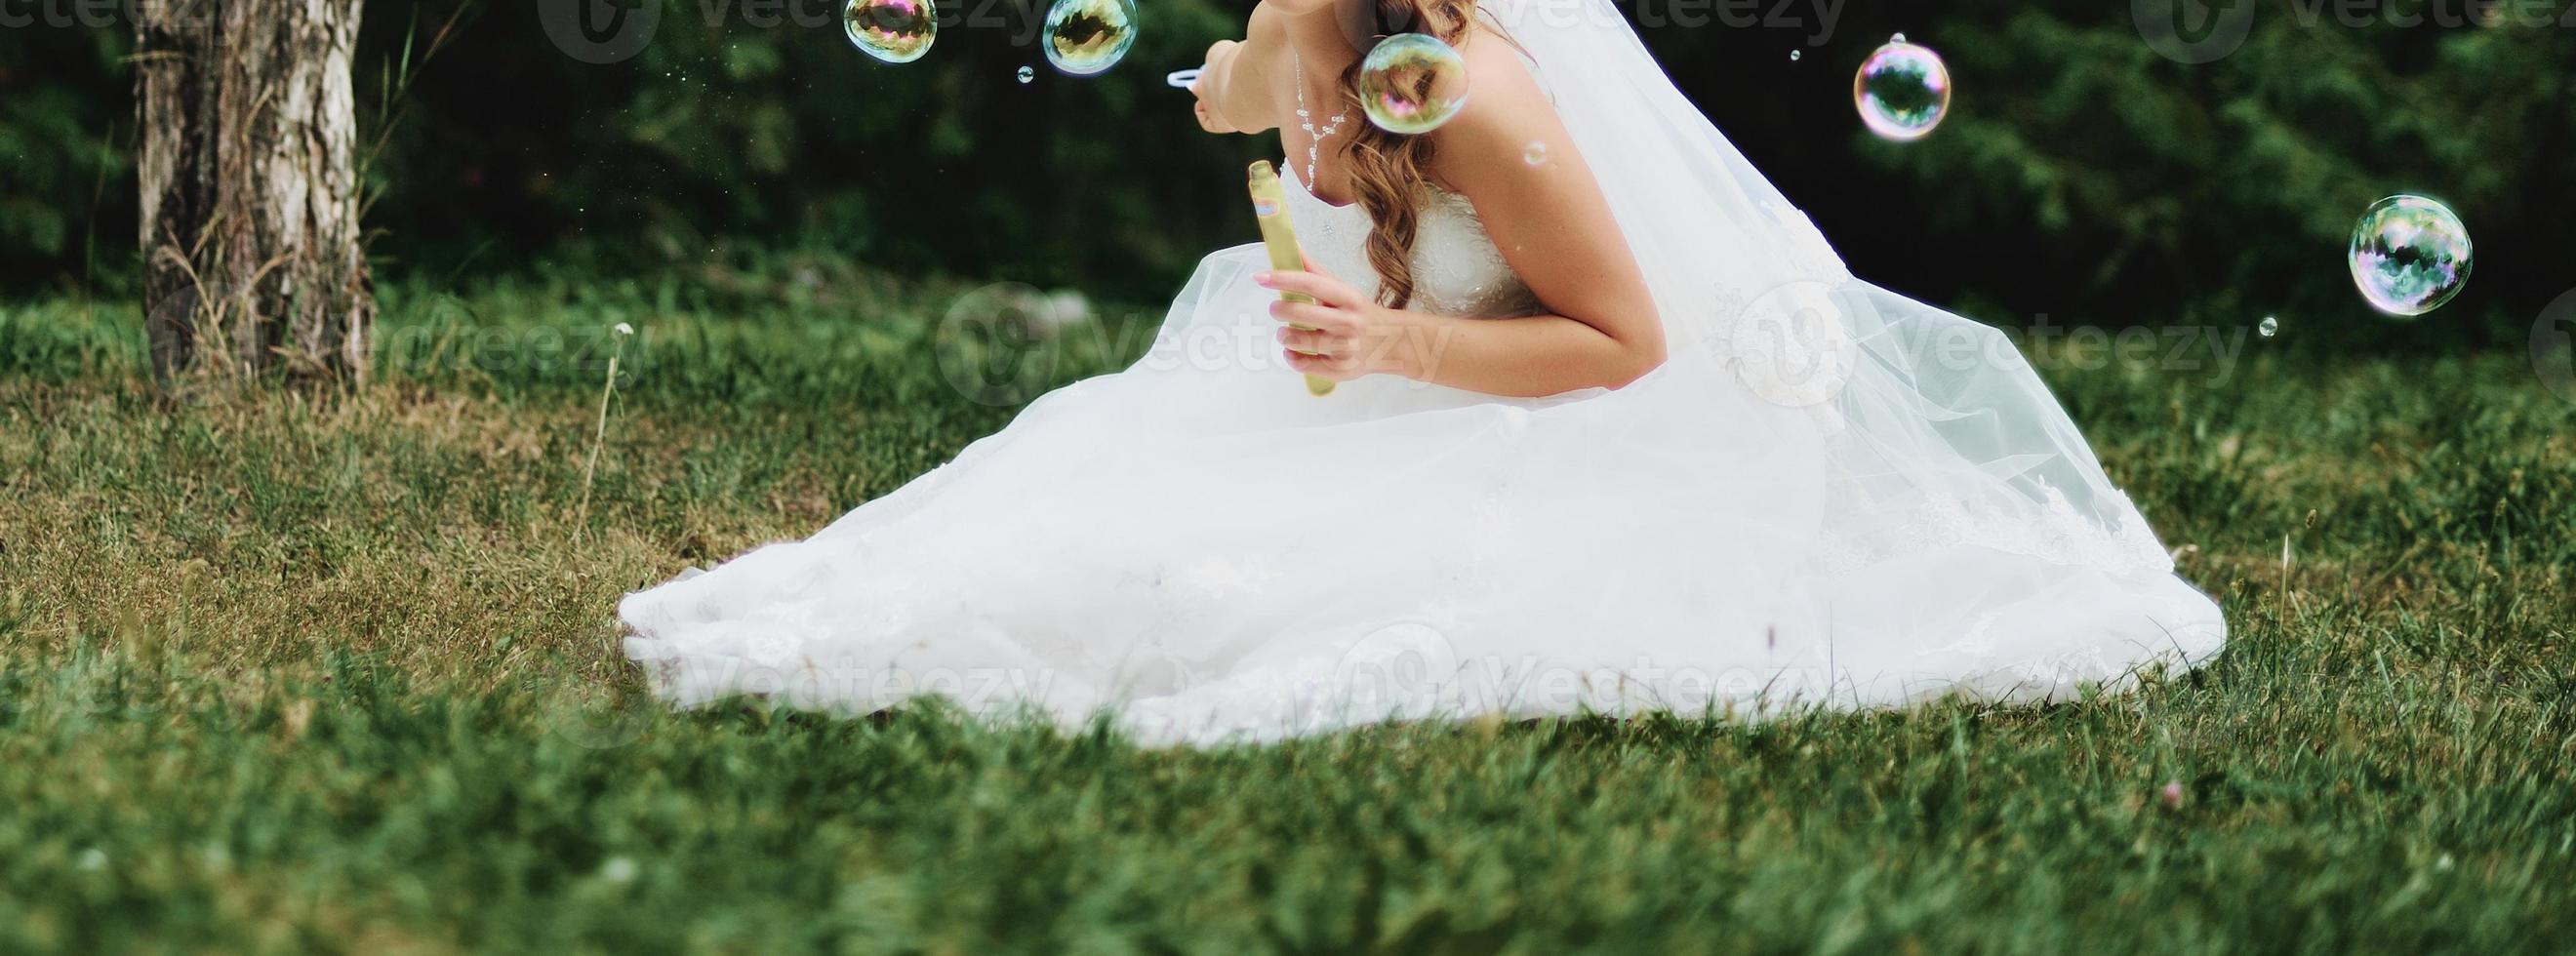 belle mariée caucasienne le jour du mariage. photo